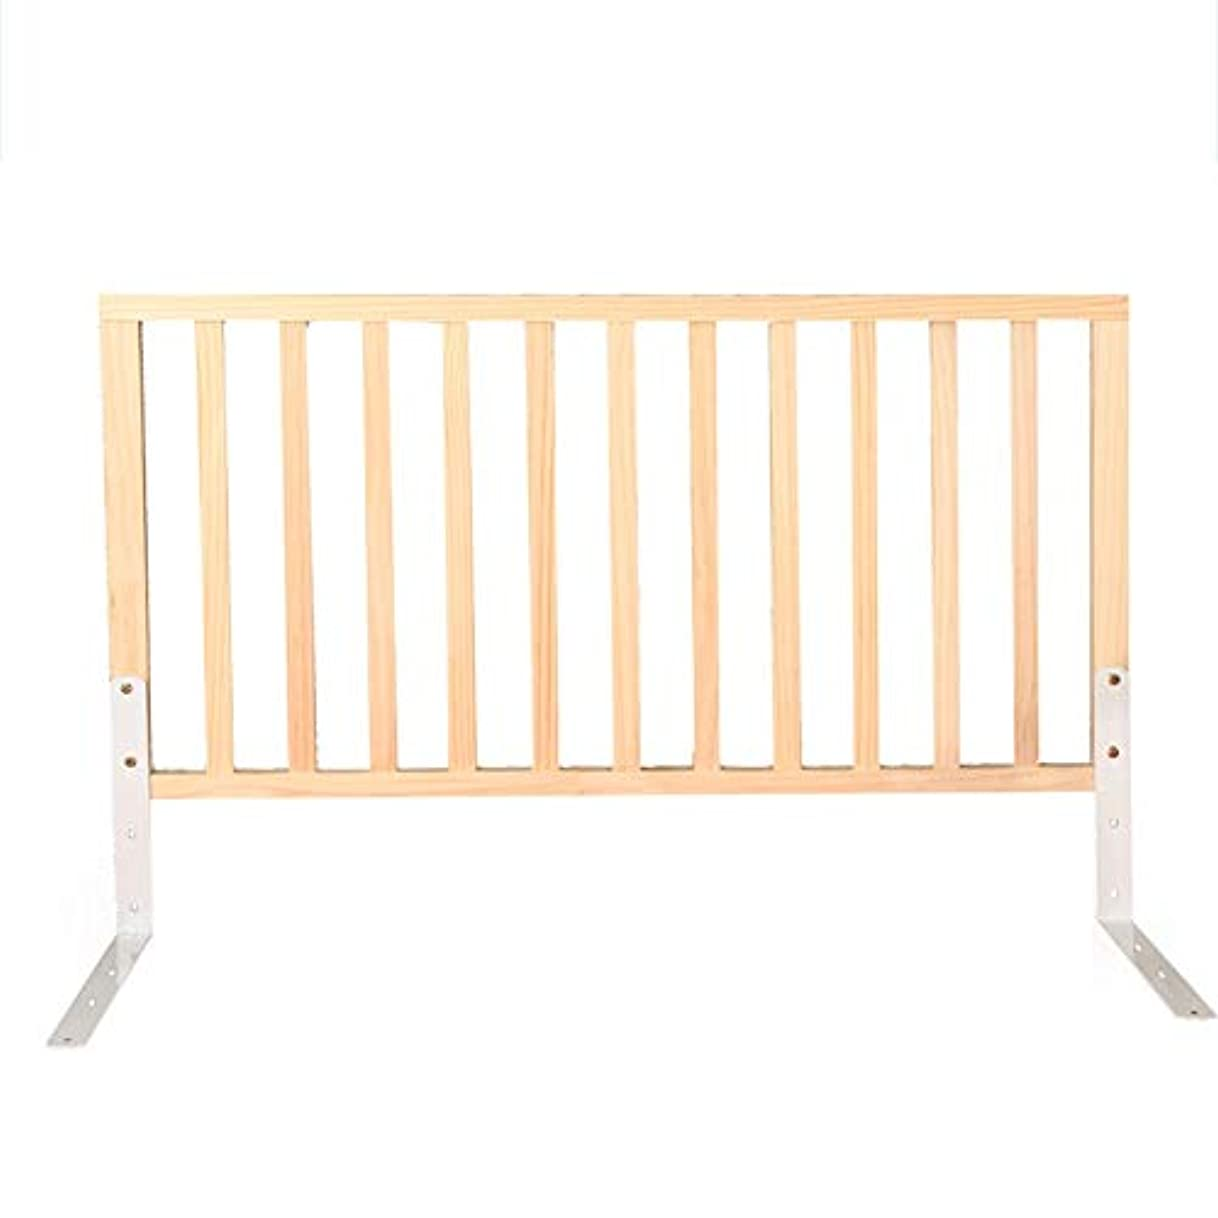 トラブルアセンブリささいなXyanzi-ガードレールフェンス 幼児のガードレール、純木のベッドの柵の監視高さ調節可能なスラット及びBoxspringのための普遍的な適合(サイズ:150cm) (色 : A, サイズ さいず : 120cm)